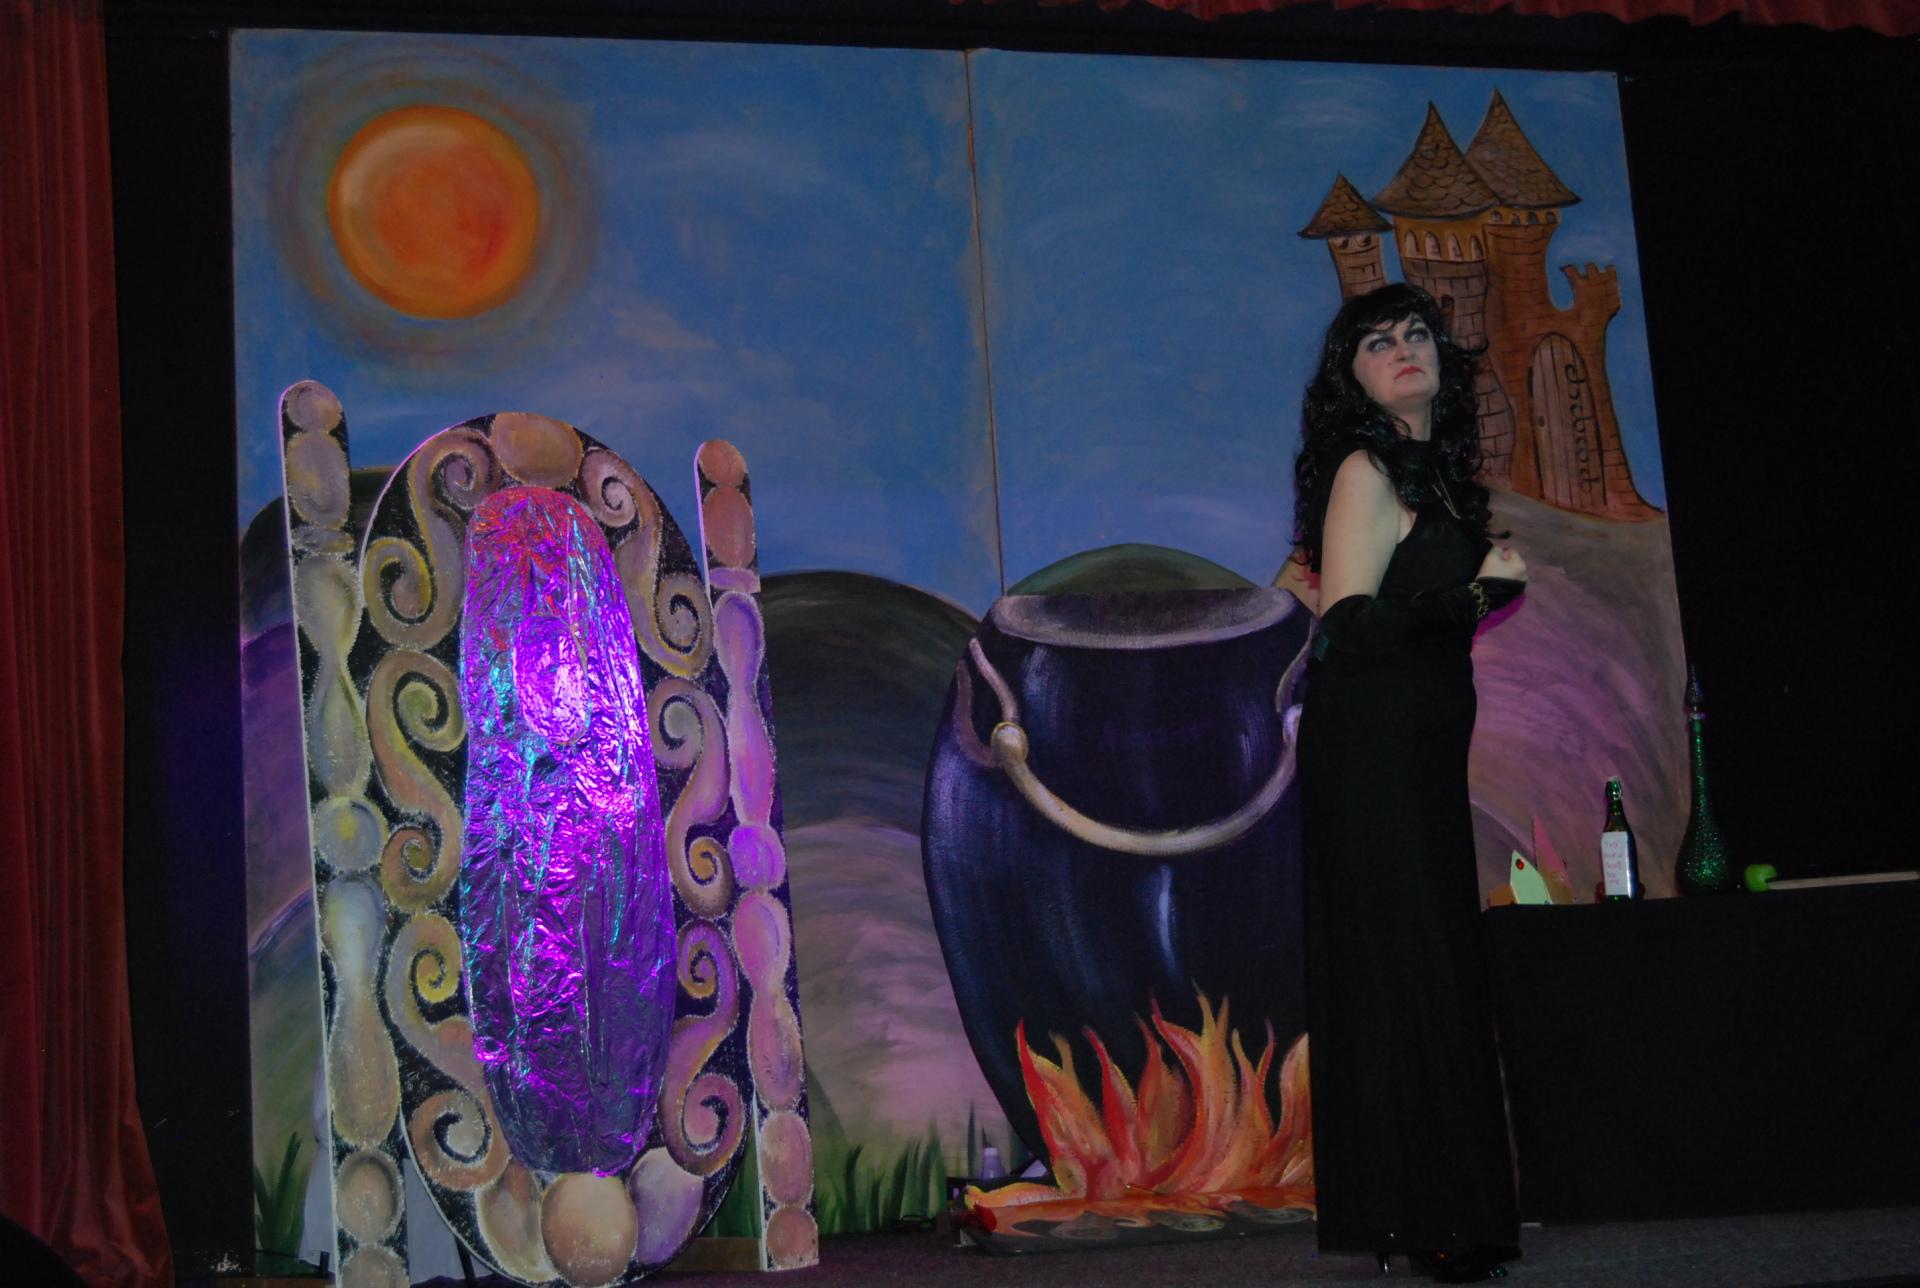 Loretta Smith as the evil queen